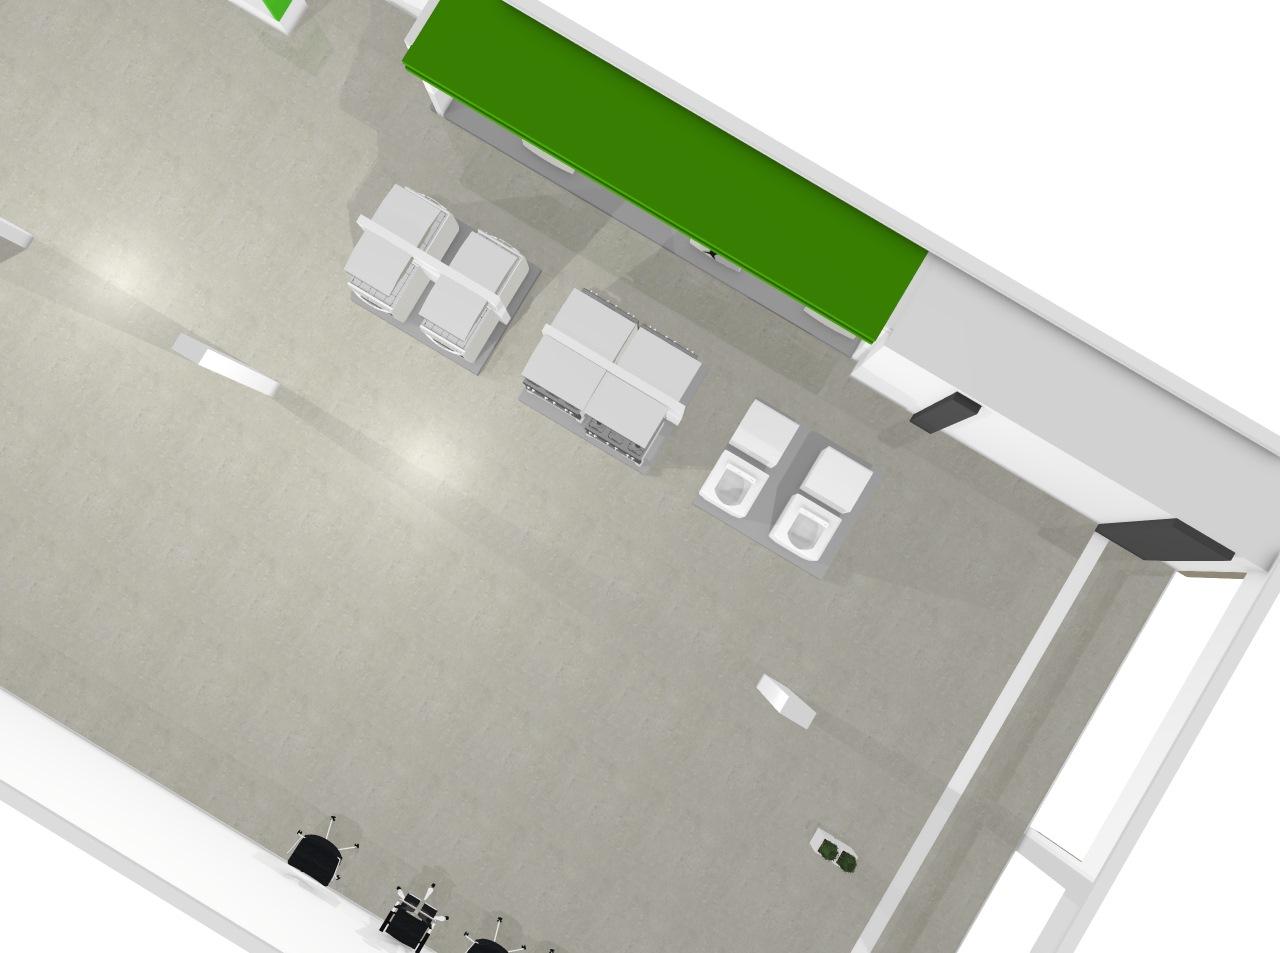 loja planta baixa -V5